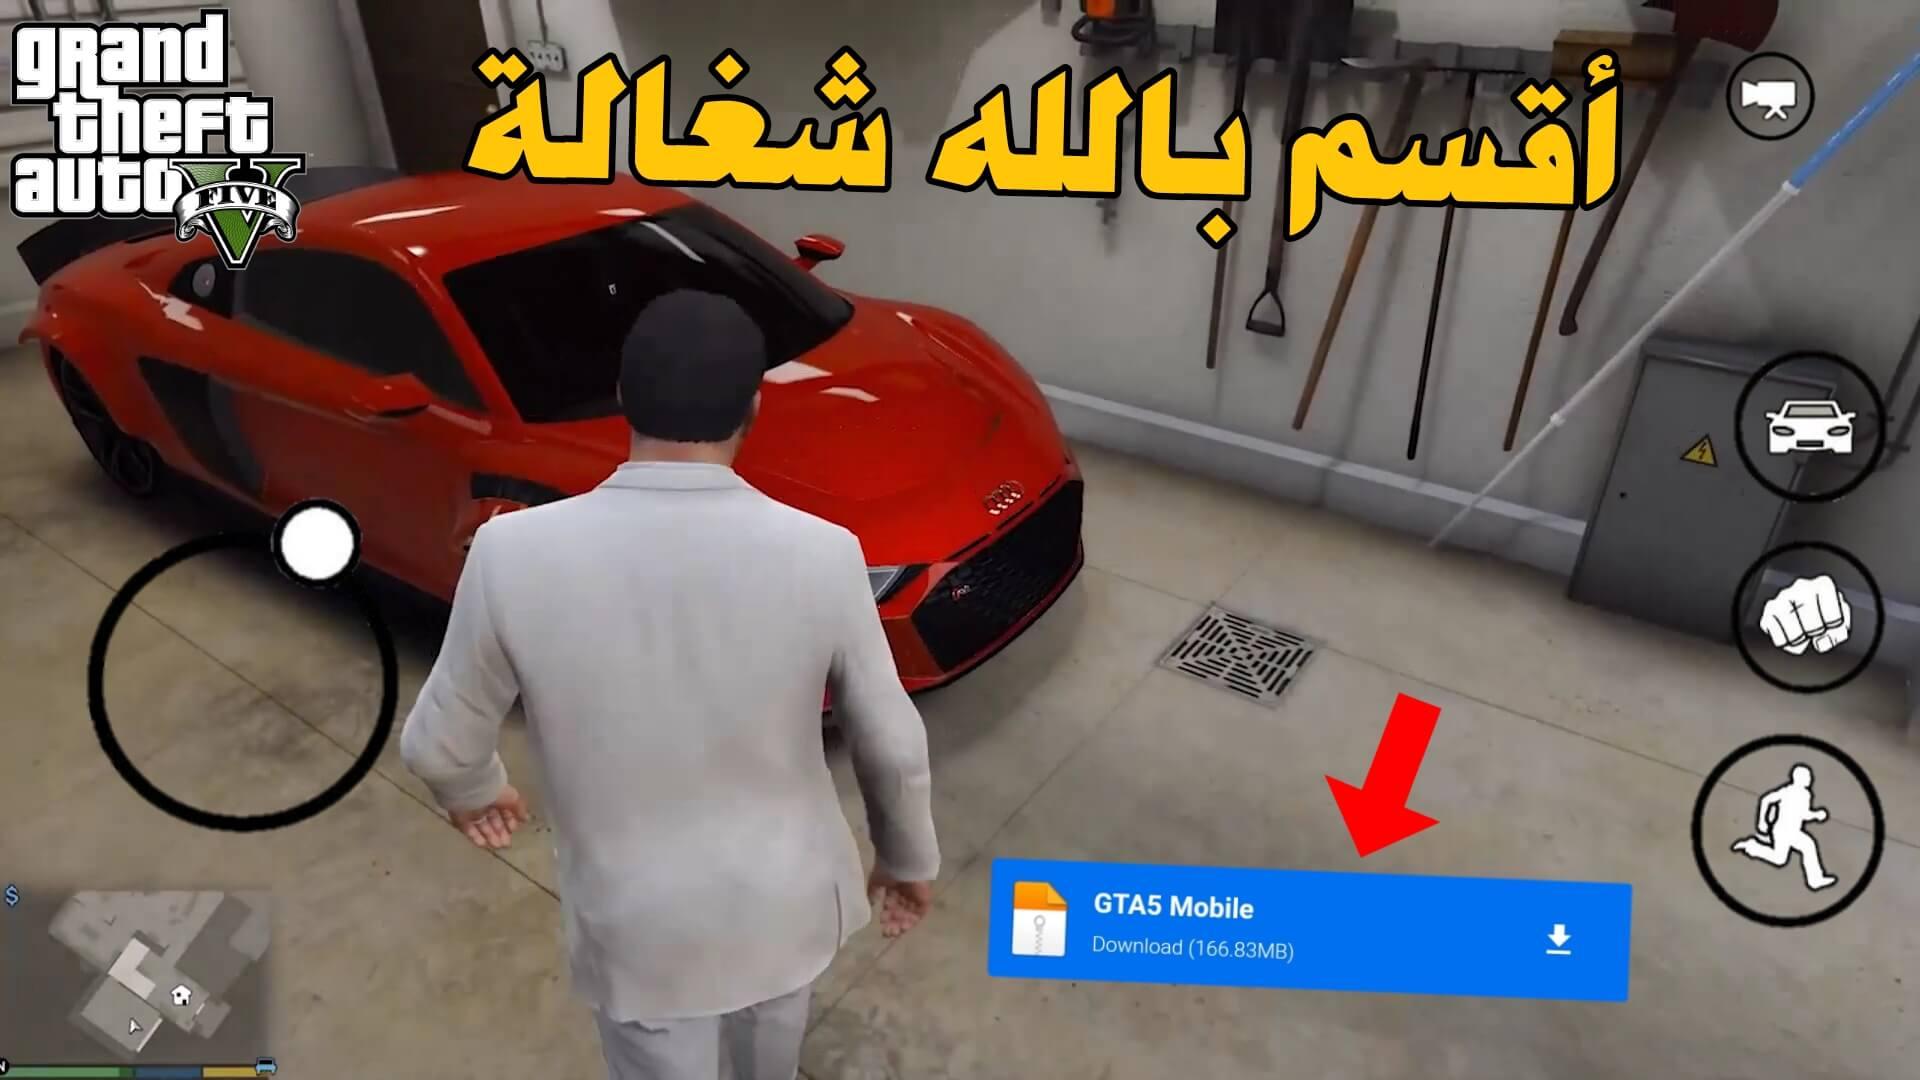 أخيرا ! طريقة تحميل لعبة GTA V الأصلية للأندرويد من ميديافاير شغالة بدون اعلانات   GTA 5 APK 2021